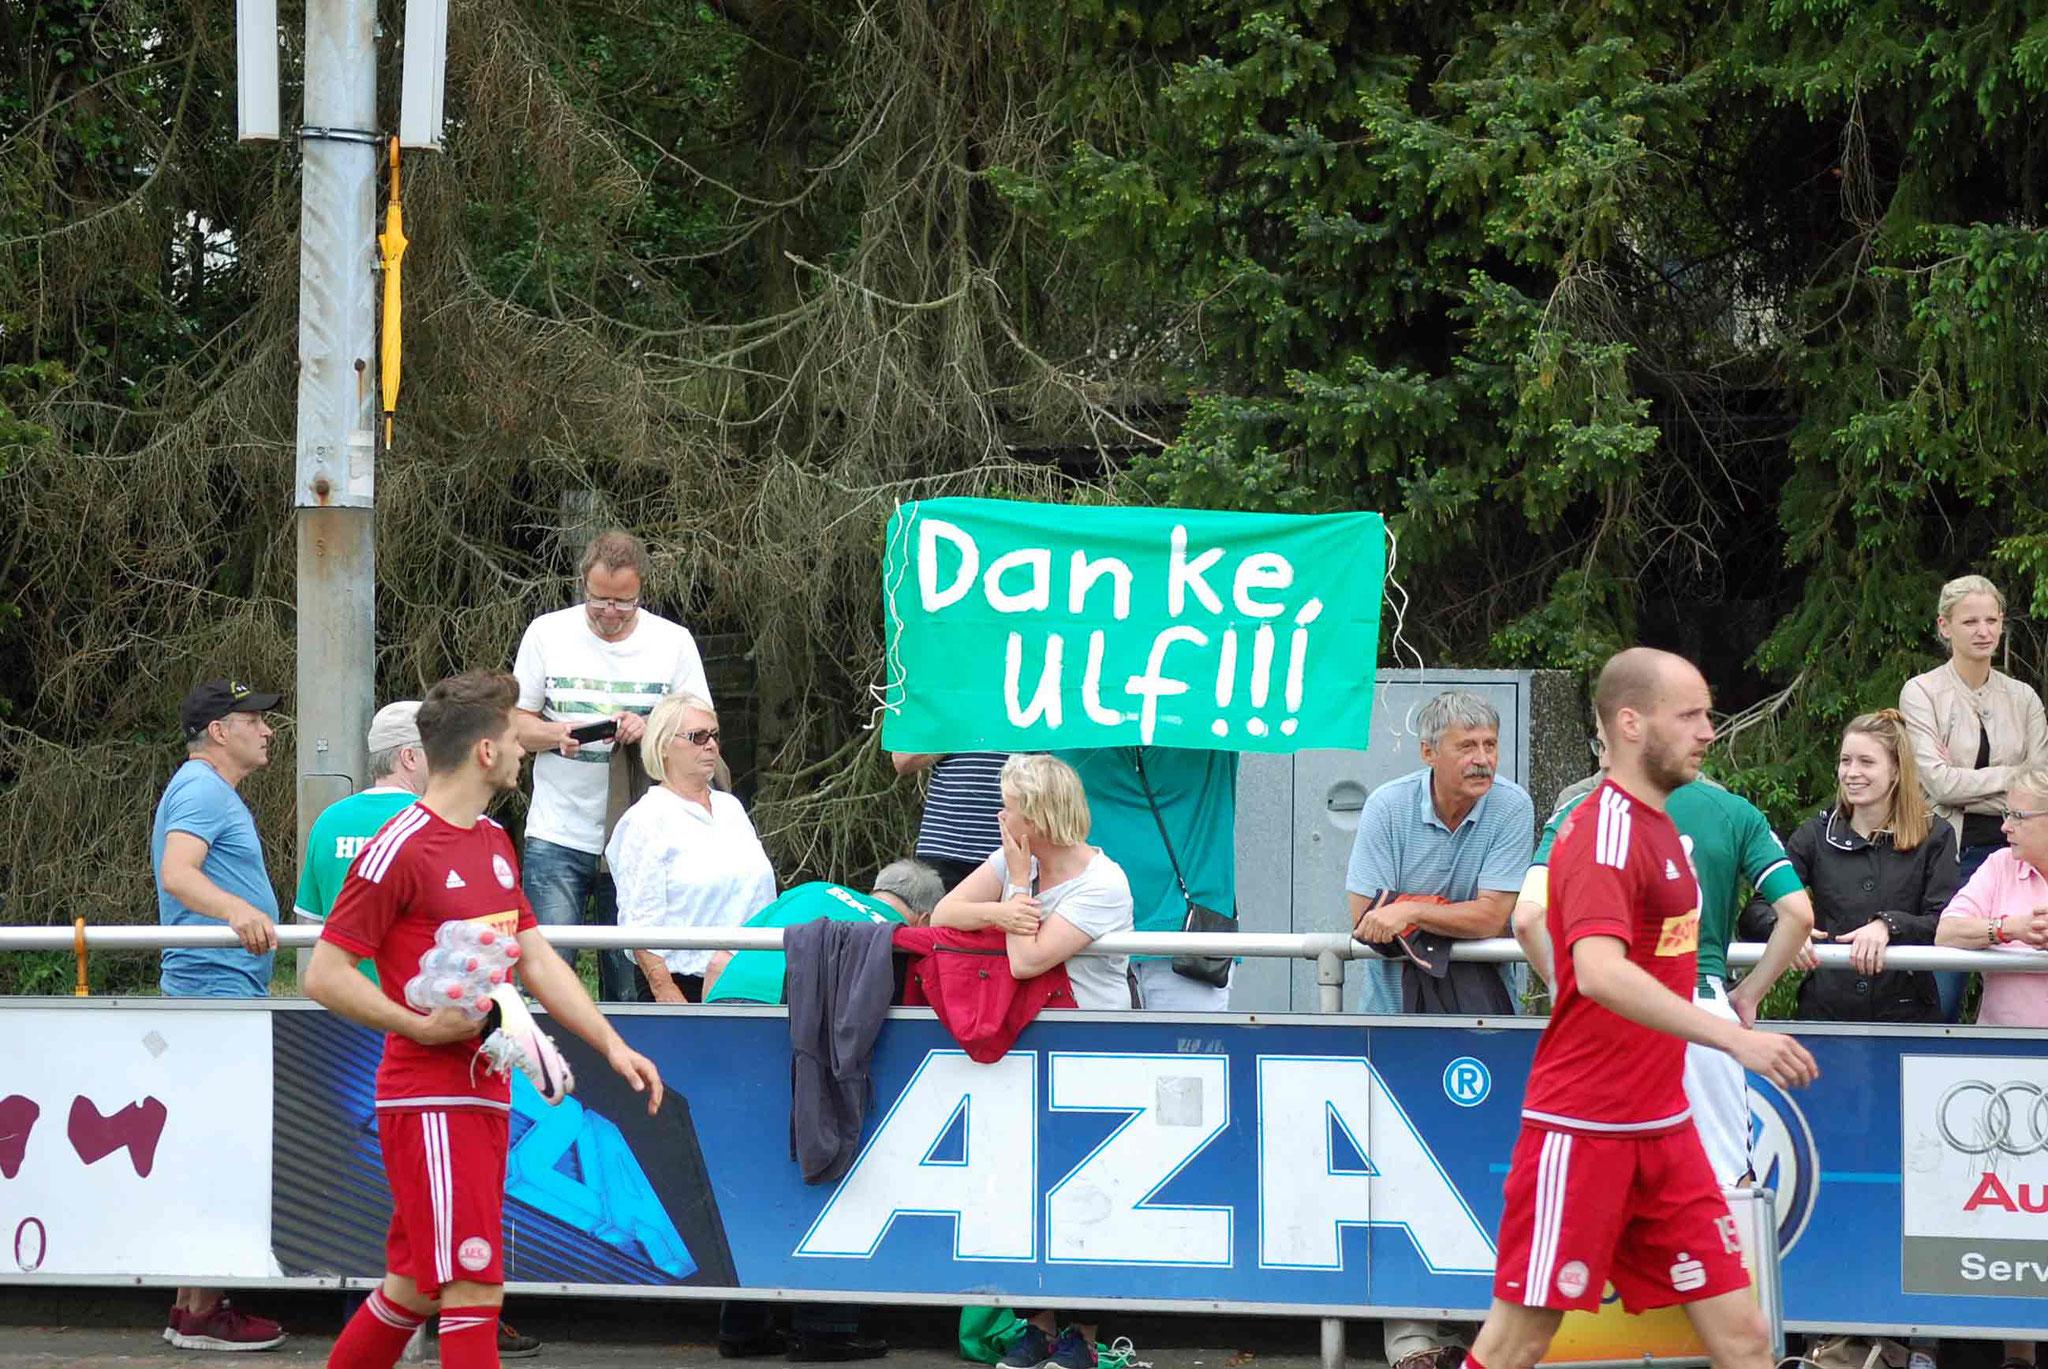 67dc9e36feff00 Spiele der 23. Kalenderwoche - VfL Oldenburg größter Fußballverein ...